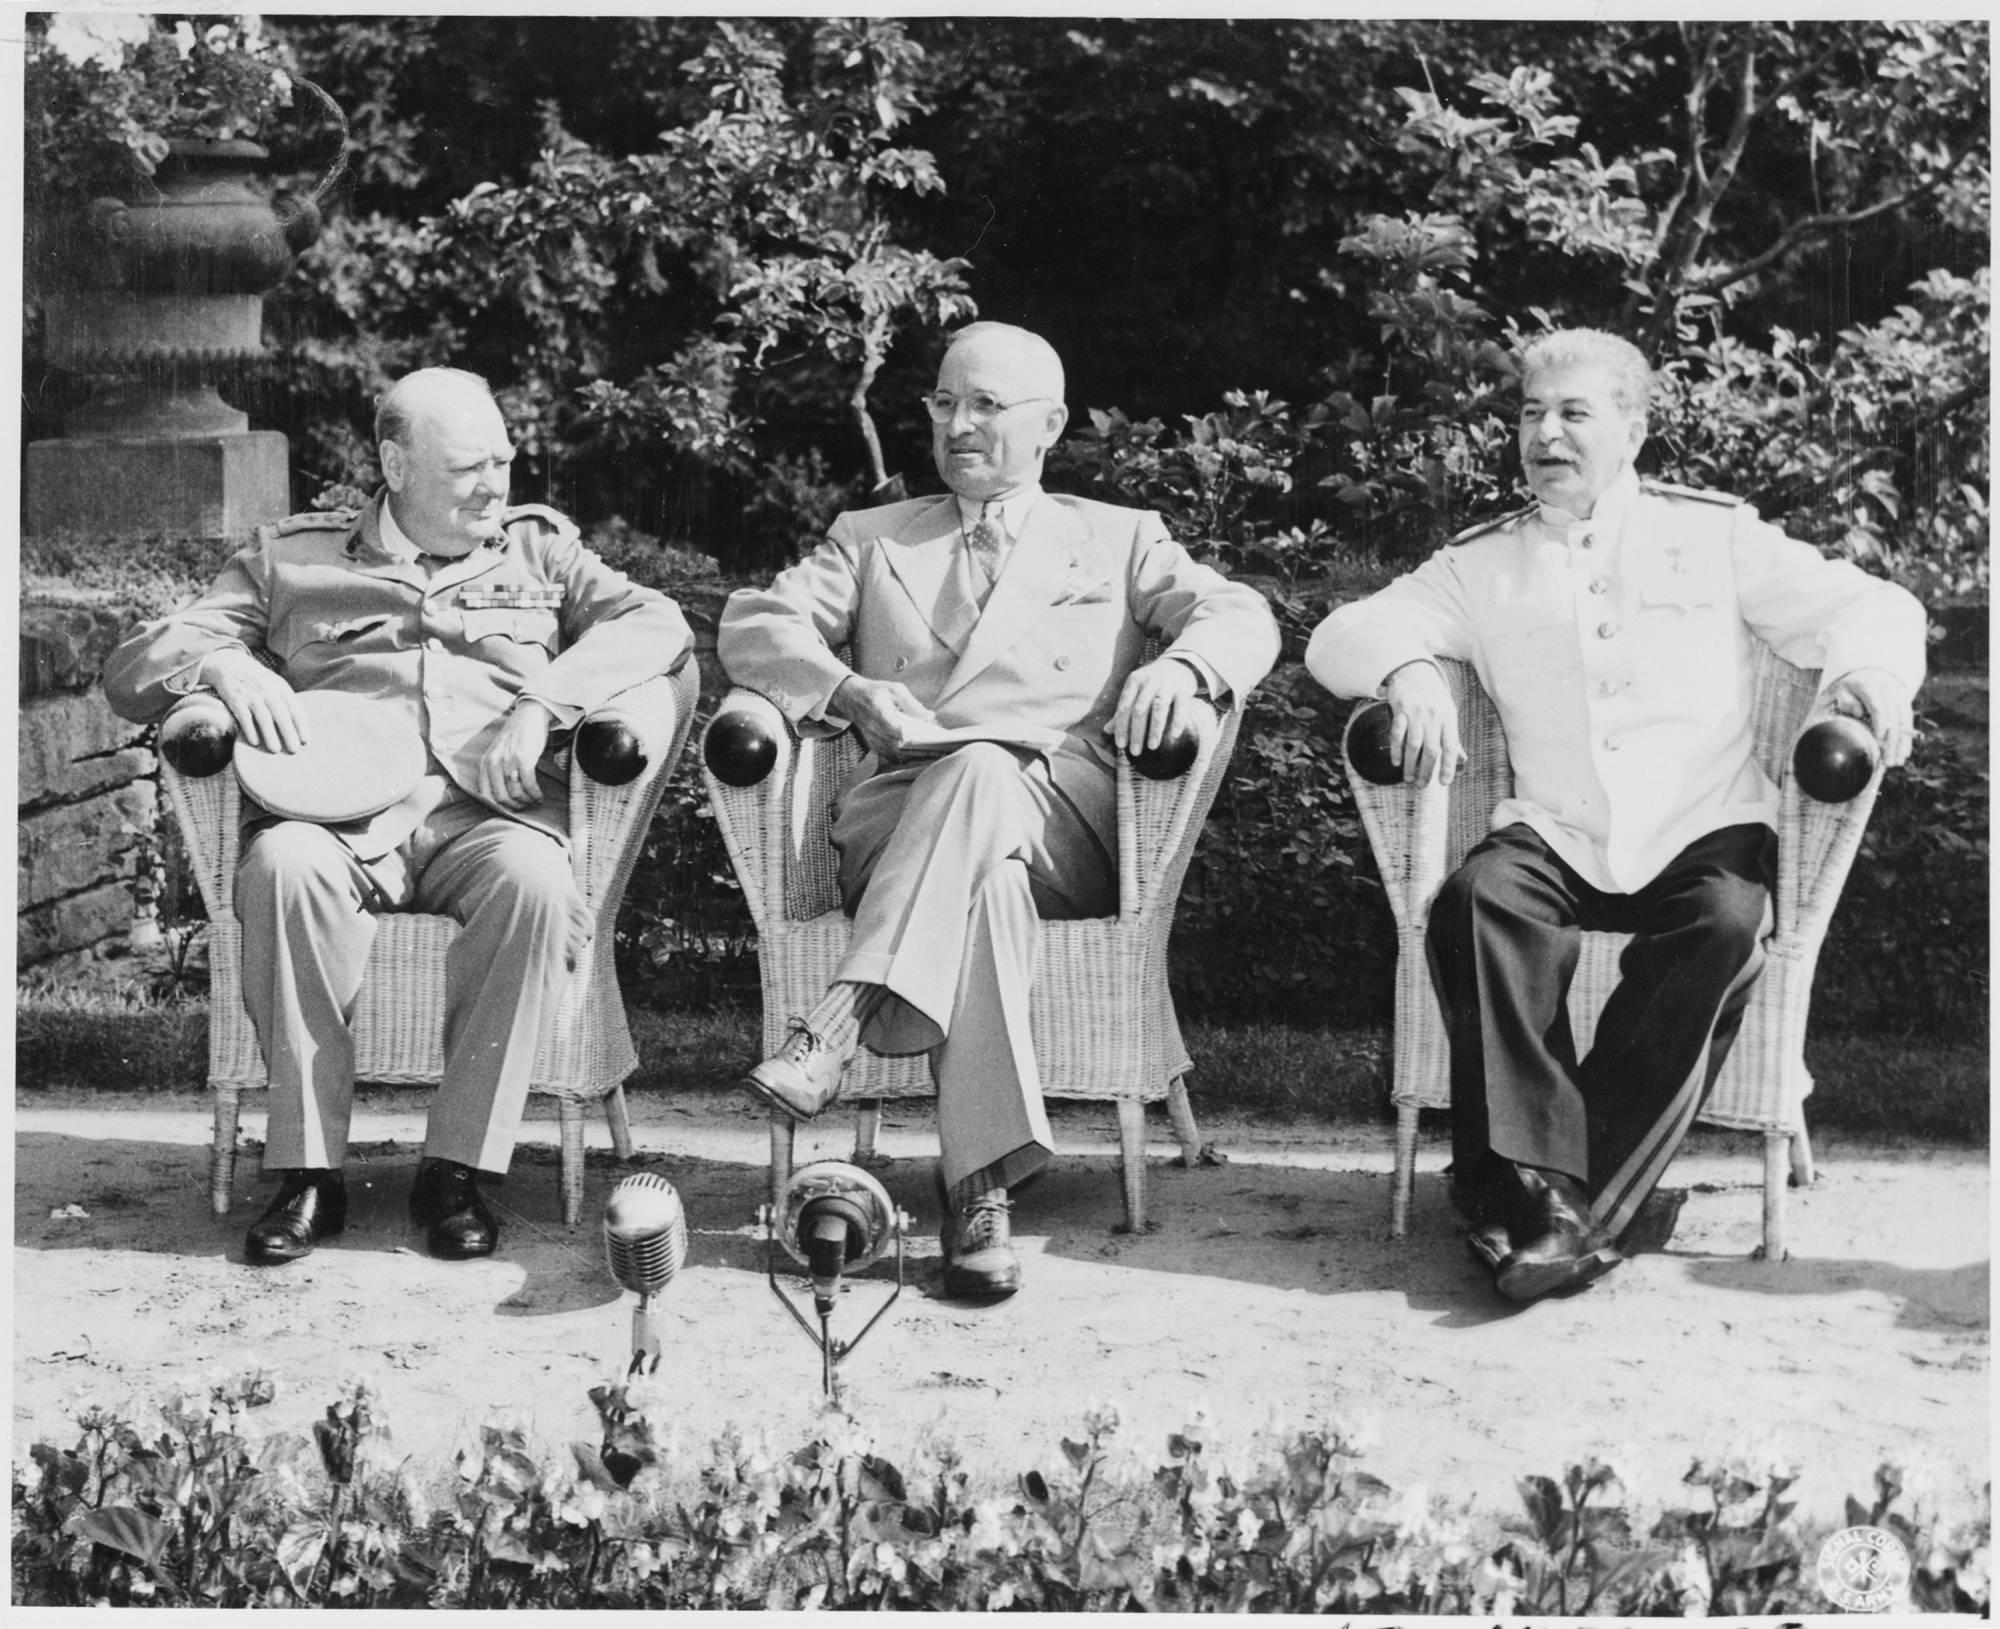 The iron curtain speech - Wartime Allies